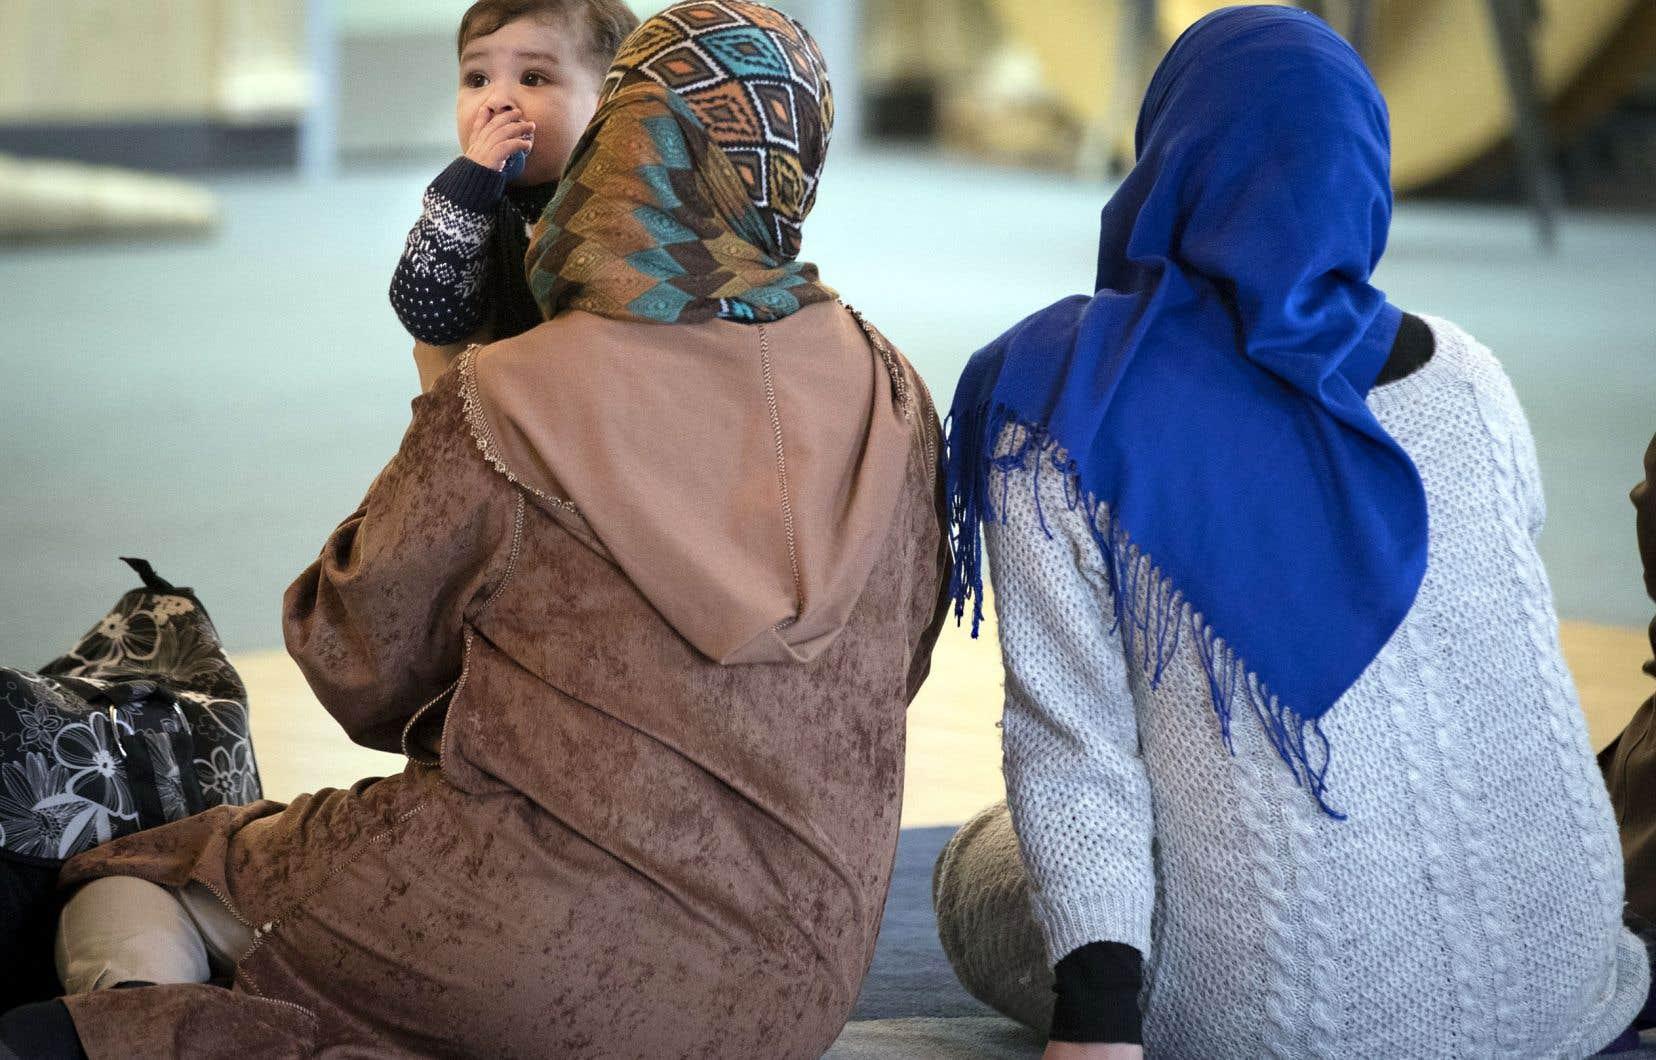 L'islamophobie a une dimension intersectionnelle, reposant à la fois sur le sexisme, le racisme et l'appartenance religieuse, selon la FFQ.